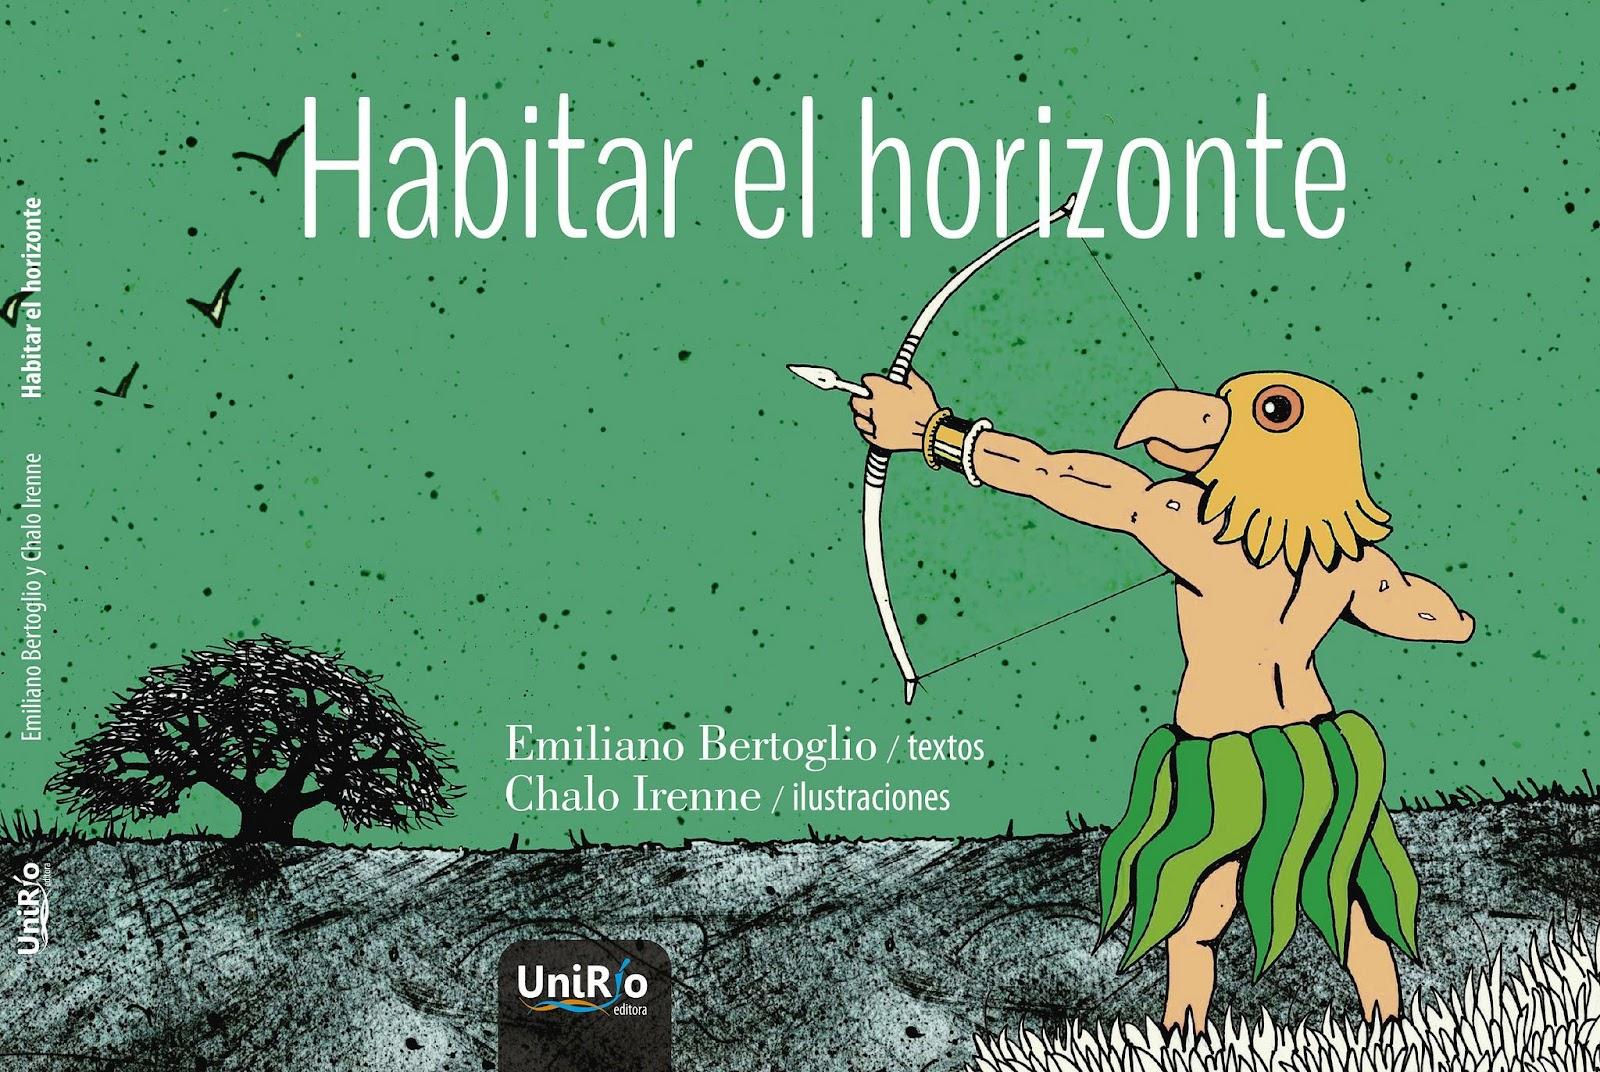 Resultado de imagen para Habitar el horizonte emiliano bertoglio